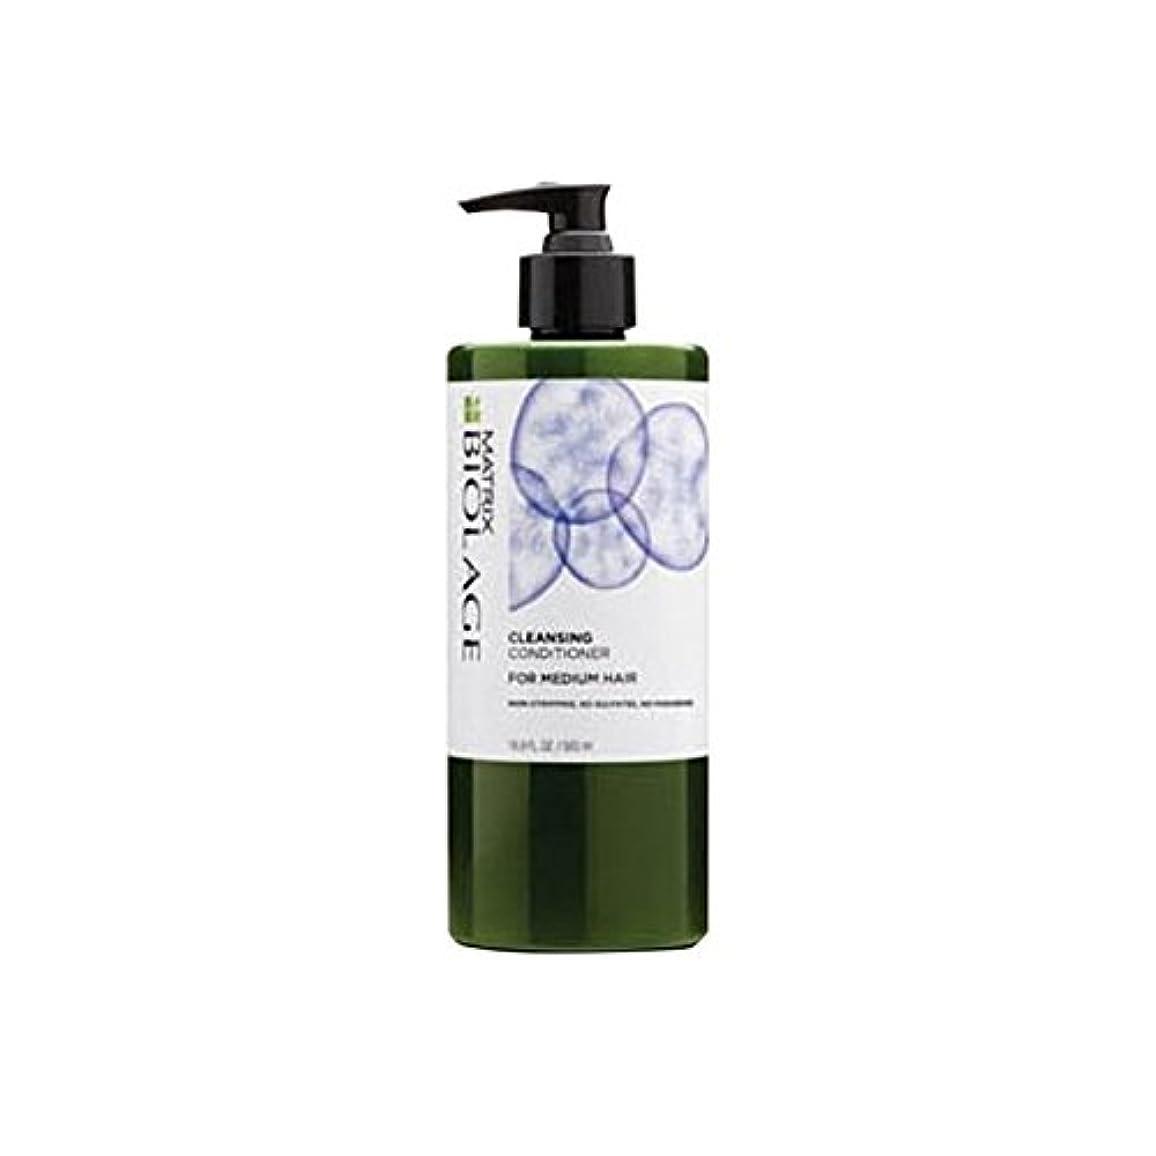 比類なき以降反対したマトリックスバイオレイジクレンジングコンディショナー - メディア髪(500ミリリットル) x2 - Matrix Biolage Cleansing Conditioner - Medium Hair (500ml)...